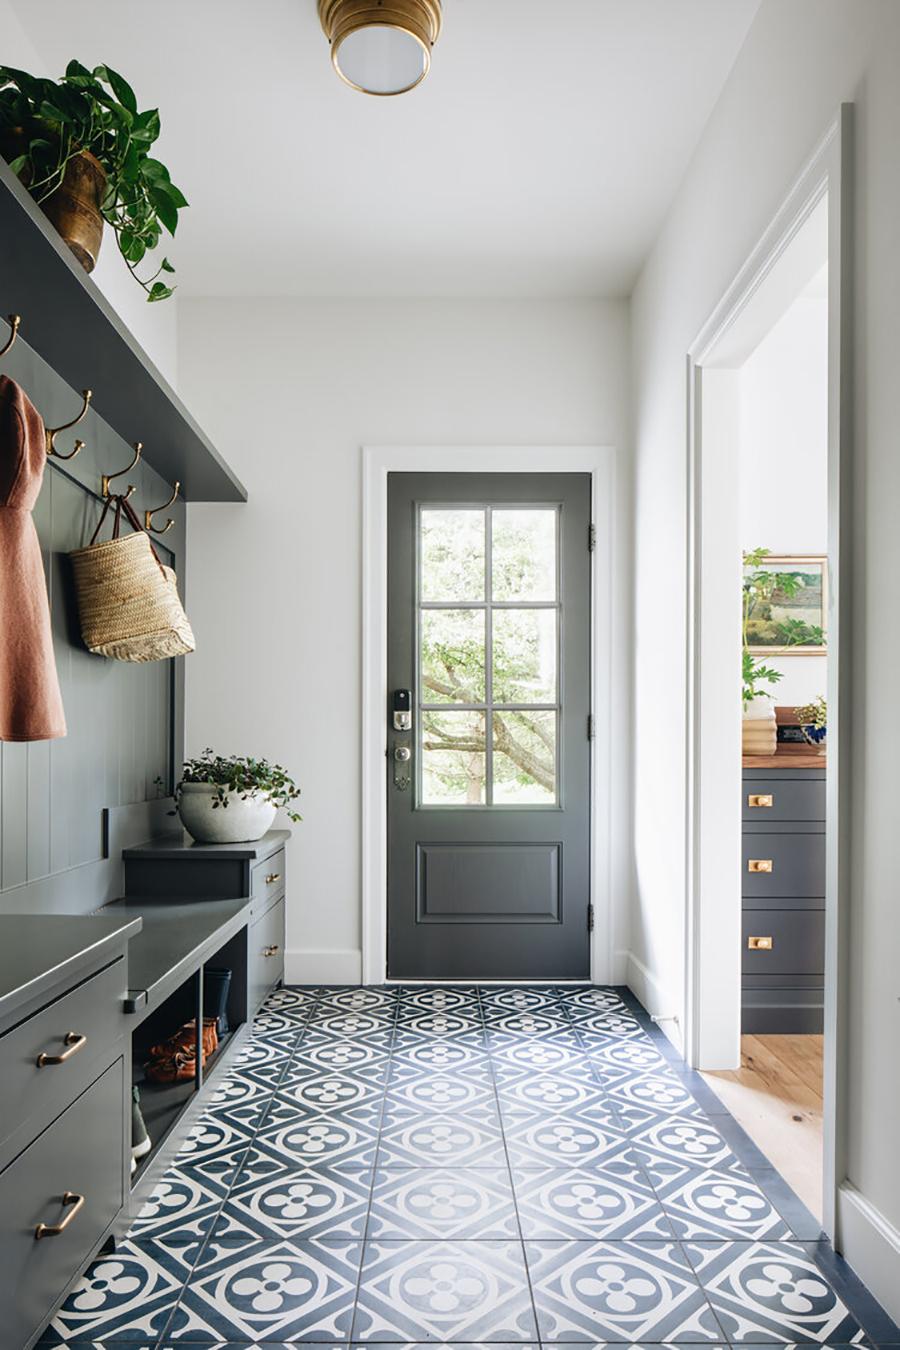 Recibidor con piso en tonos que combinan con los demás muebles.